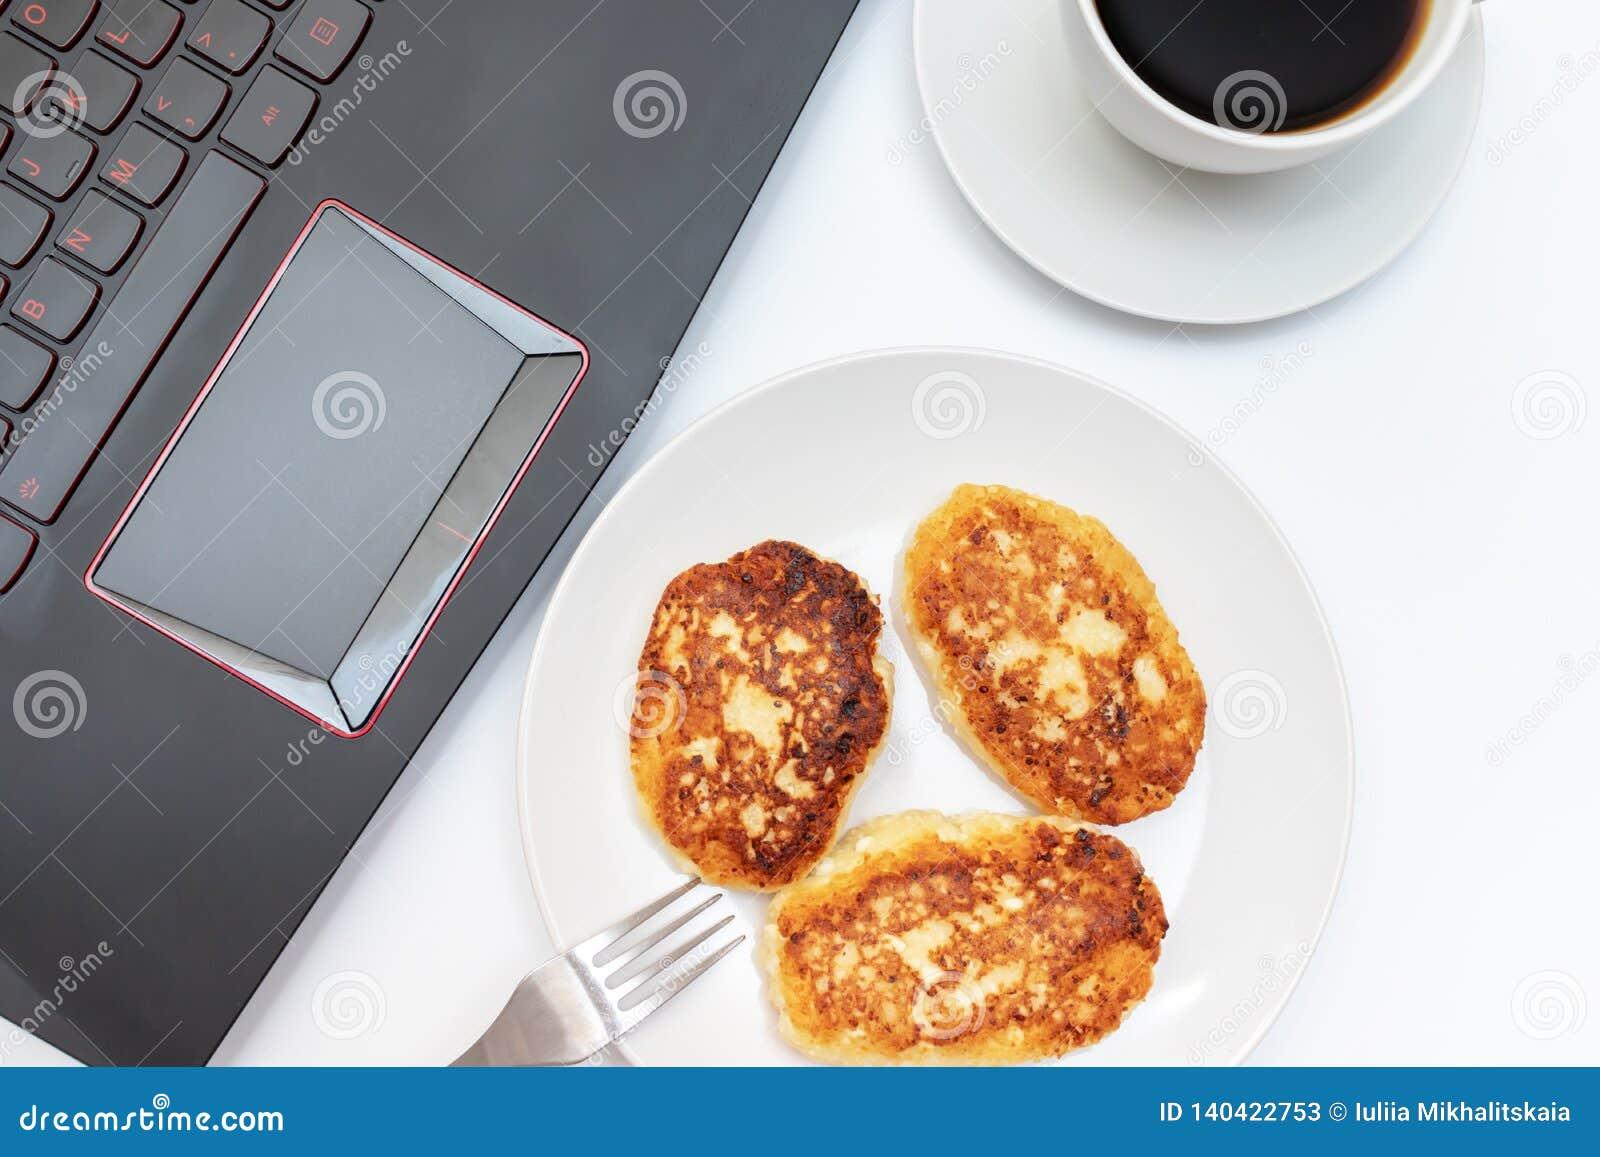 Une tasse blanche de café et d un plat avec le lait caillé, crêpes de fromage blanc pour le petit déjeuner sur la table près de l